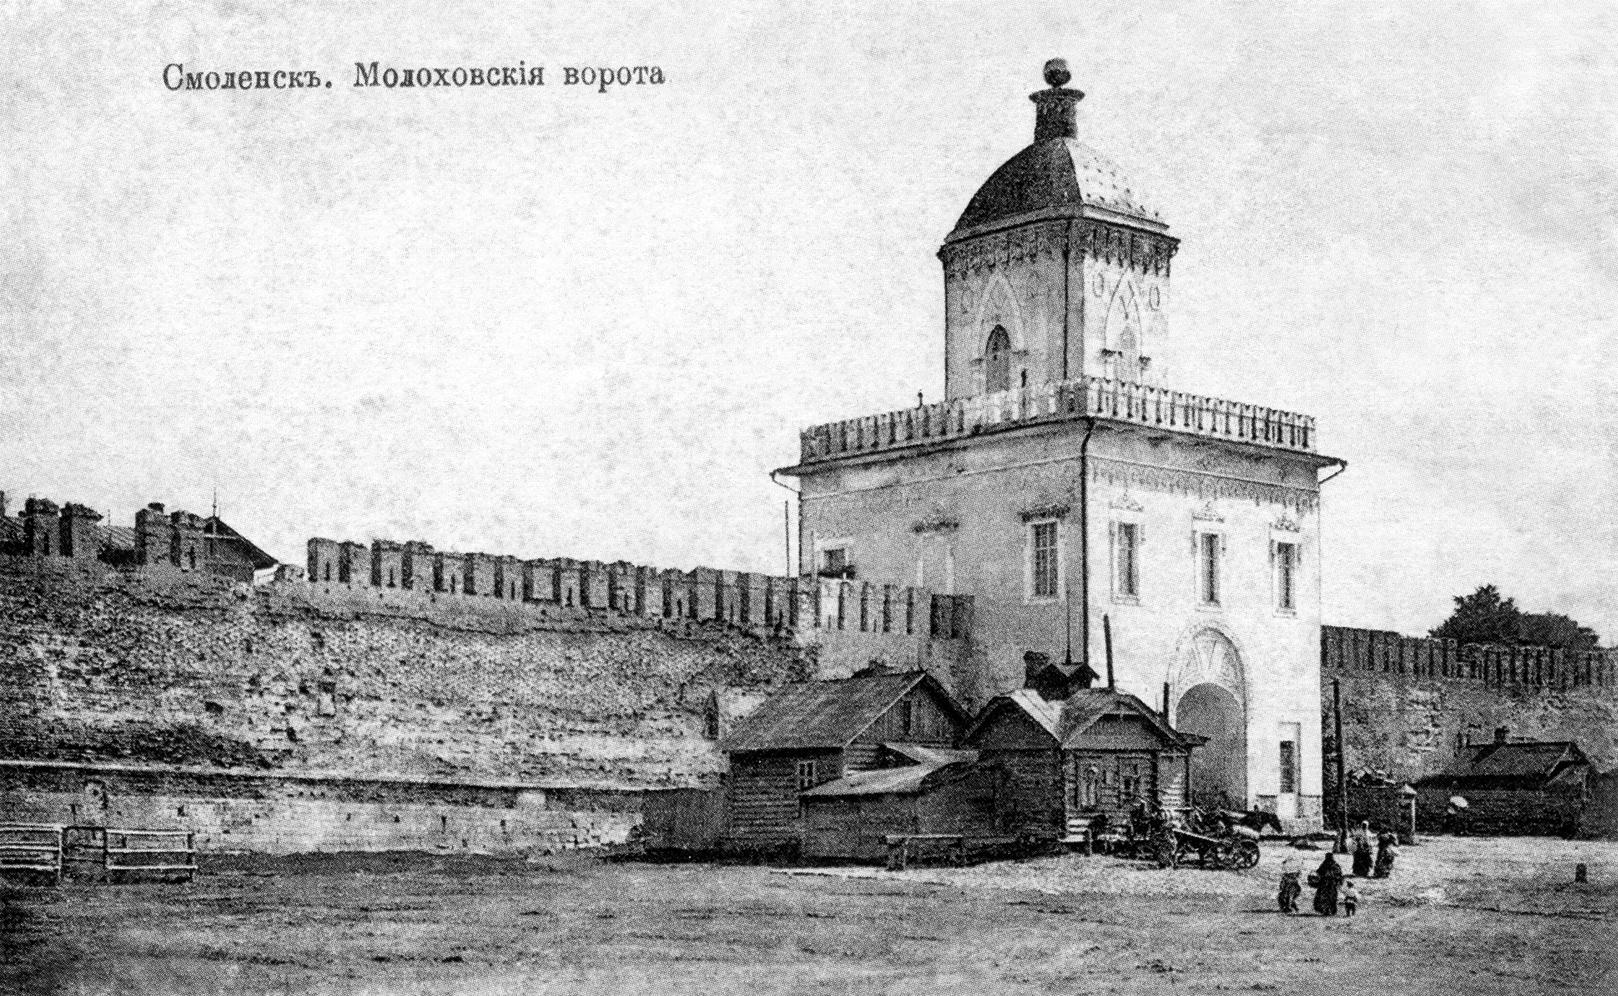 Молоховские ворота